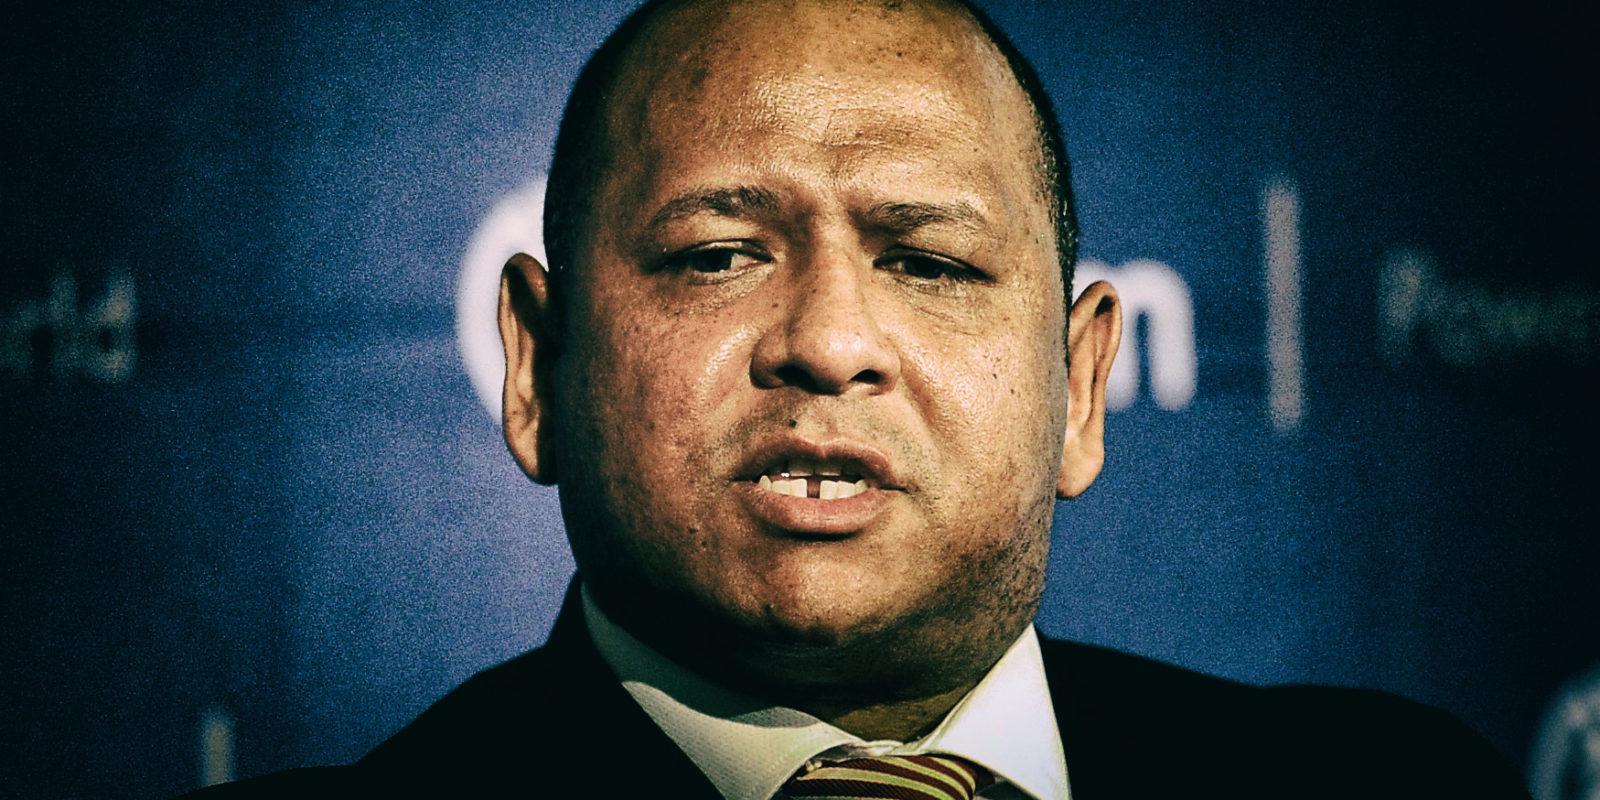 Eskom CFO Calib Cassim: 'If we go down, we bring down